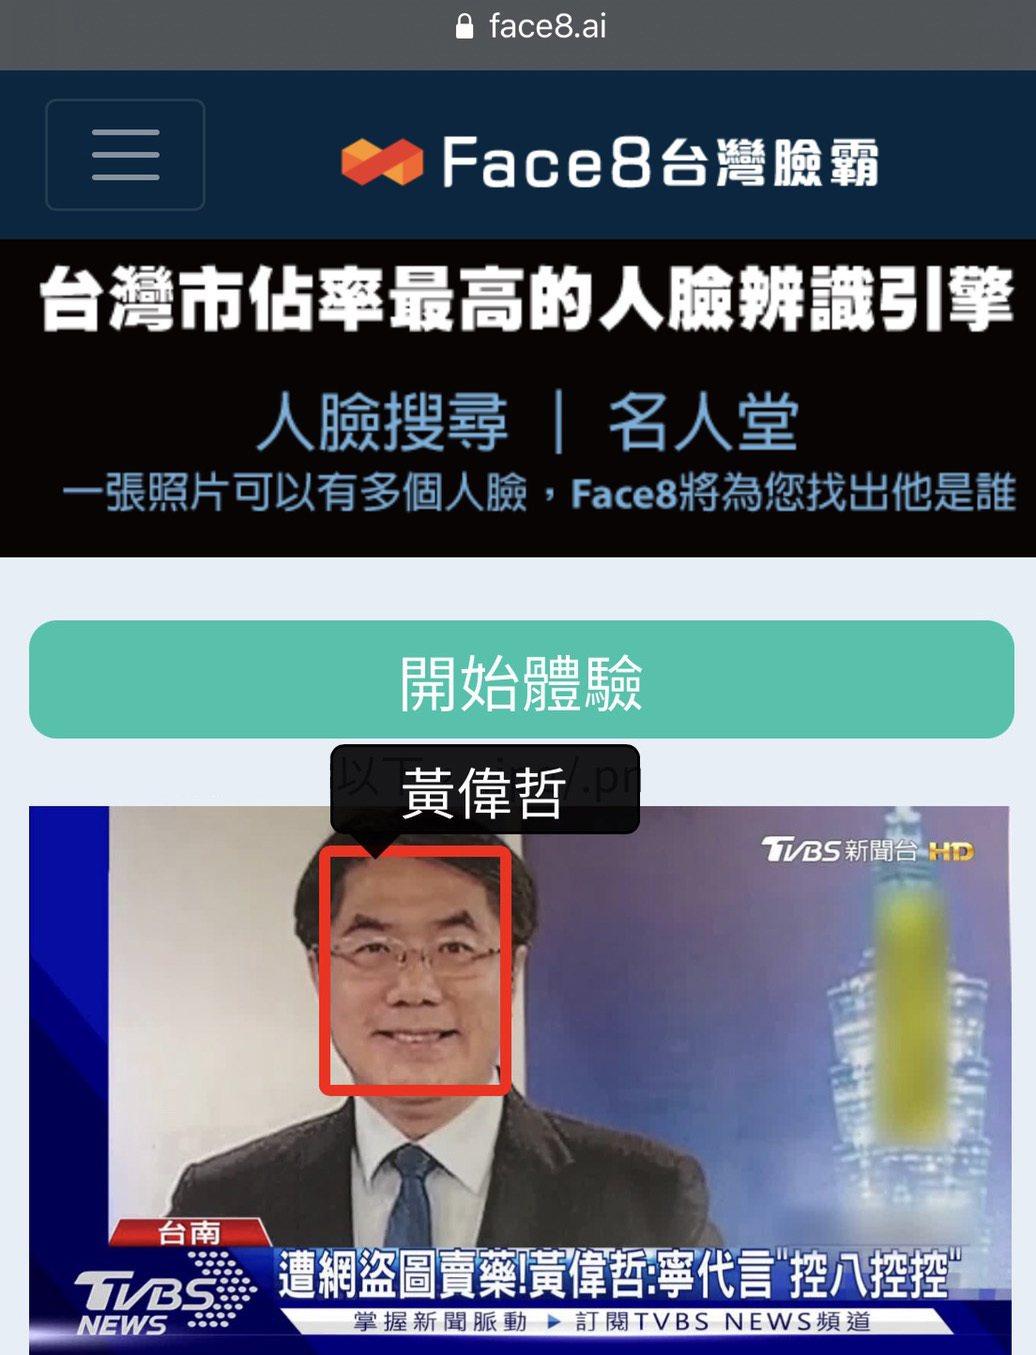 Face8台灣臉霸名人堂辨識案例--台南市長黃偉哲被盜圖成為藥品廣告。 業者/提...